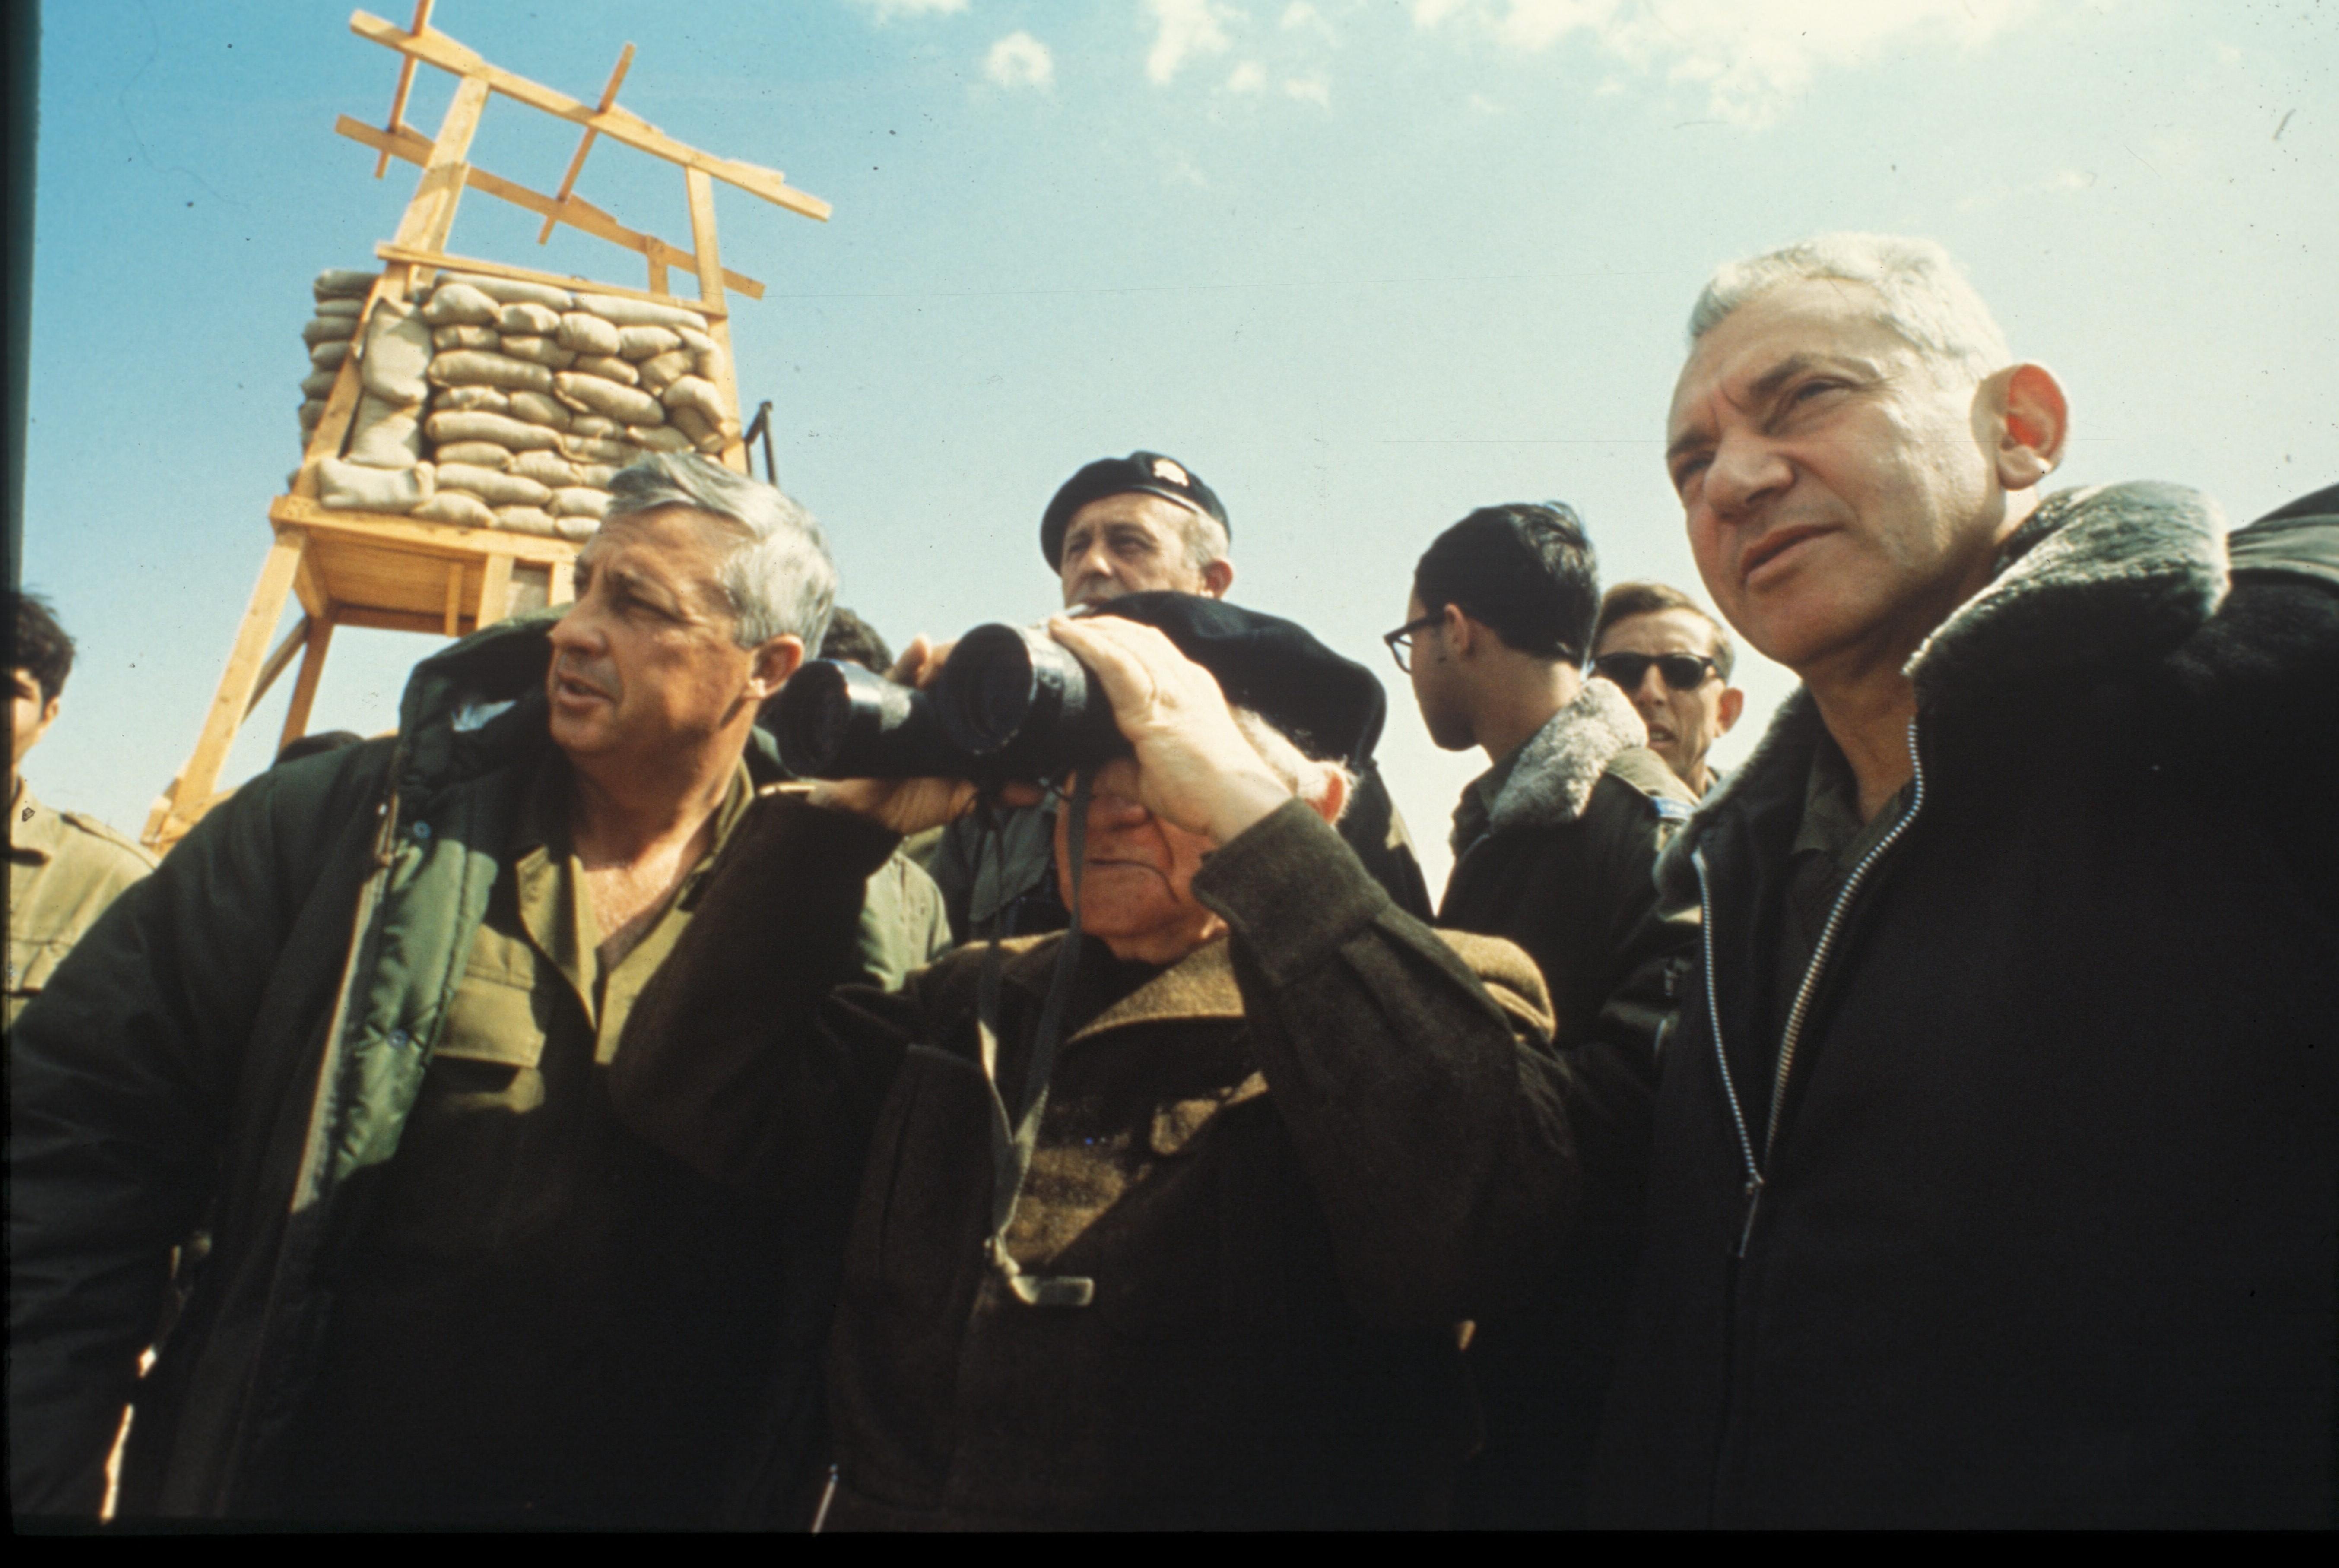 אריאל שרון, דוד בן גוריון וחיים בר לב בביקור בתעלת סואץ